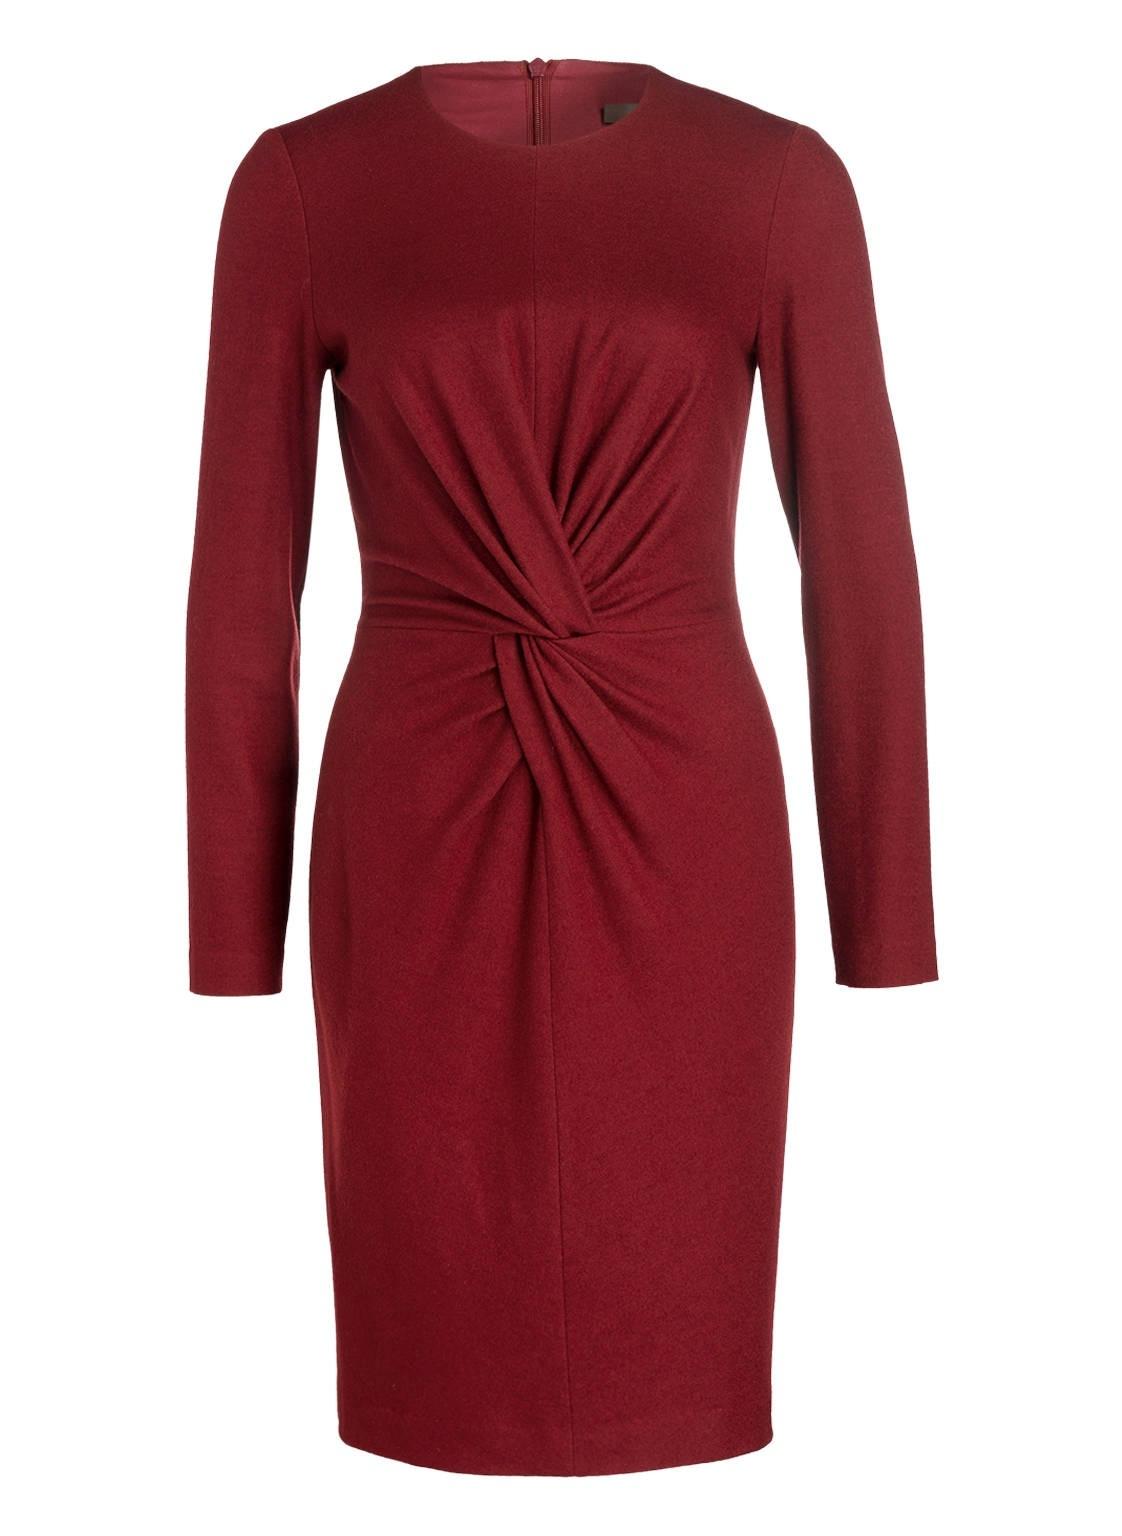 Einzigartig Damen Kleider Rot GalerieDesigner Wunderbar Damen Kleider Rot Galerie